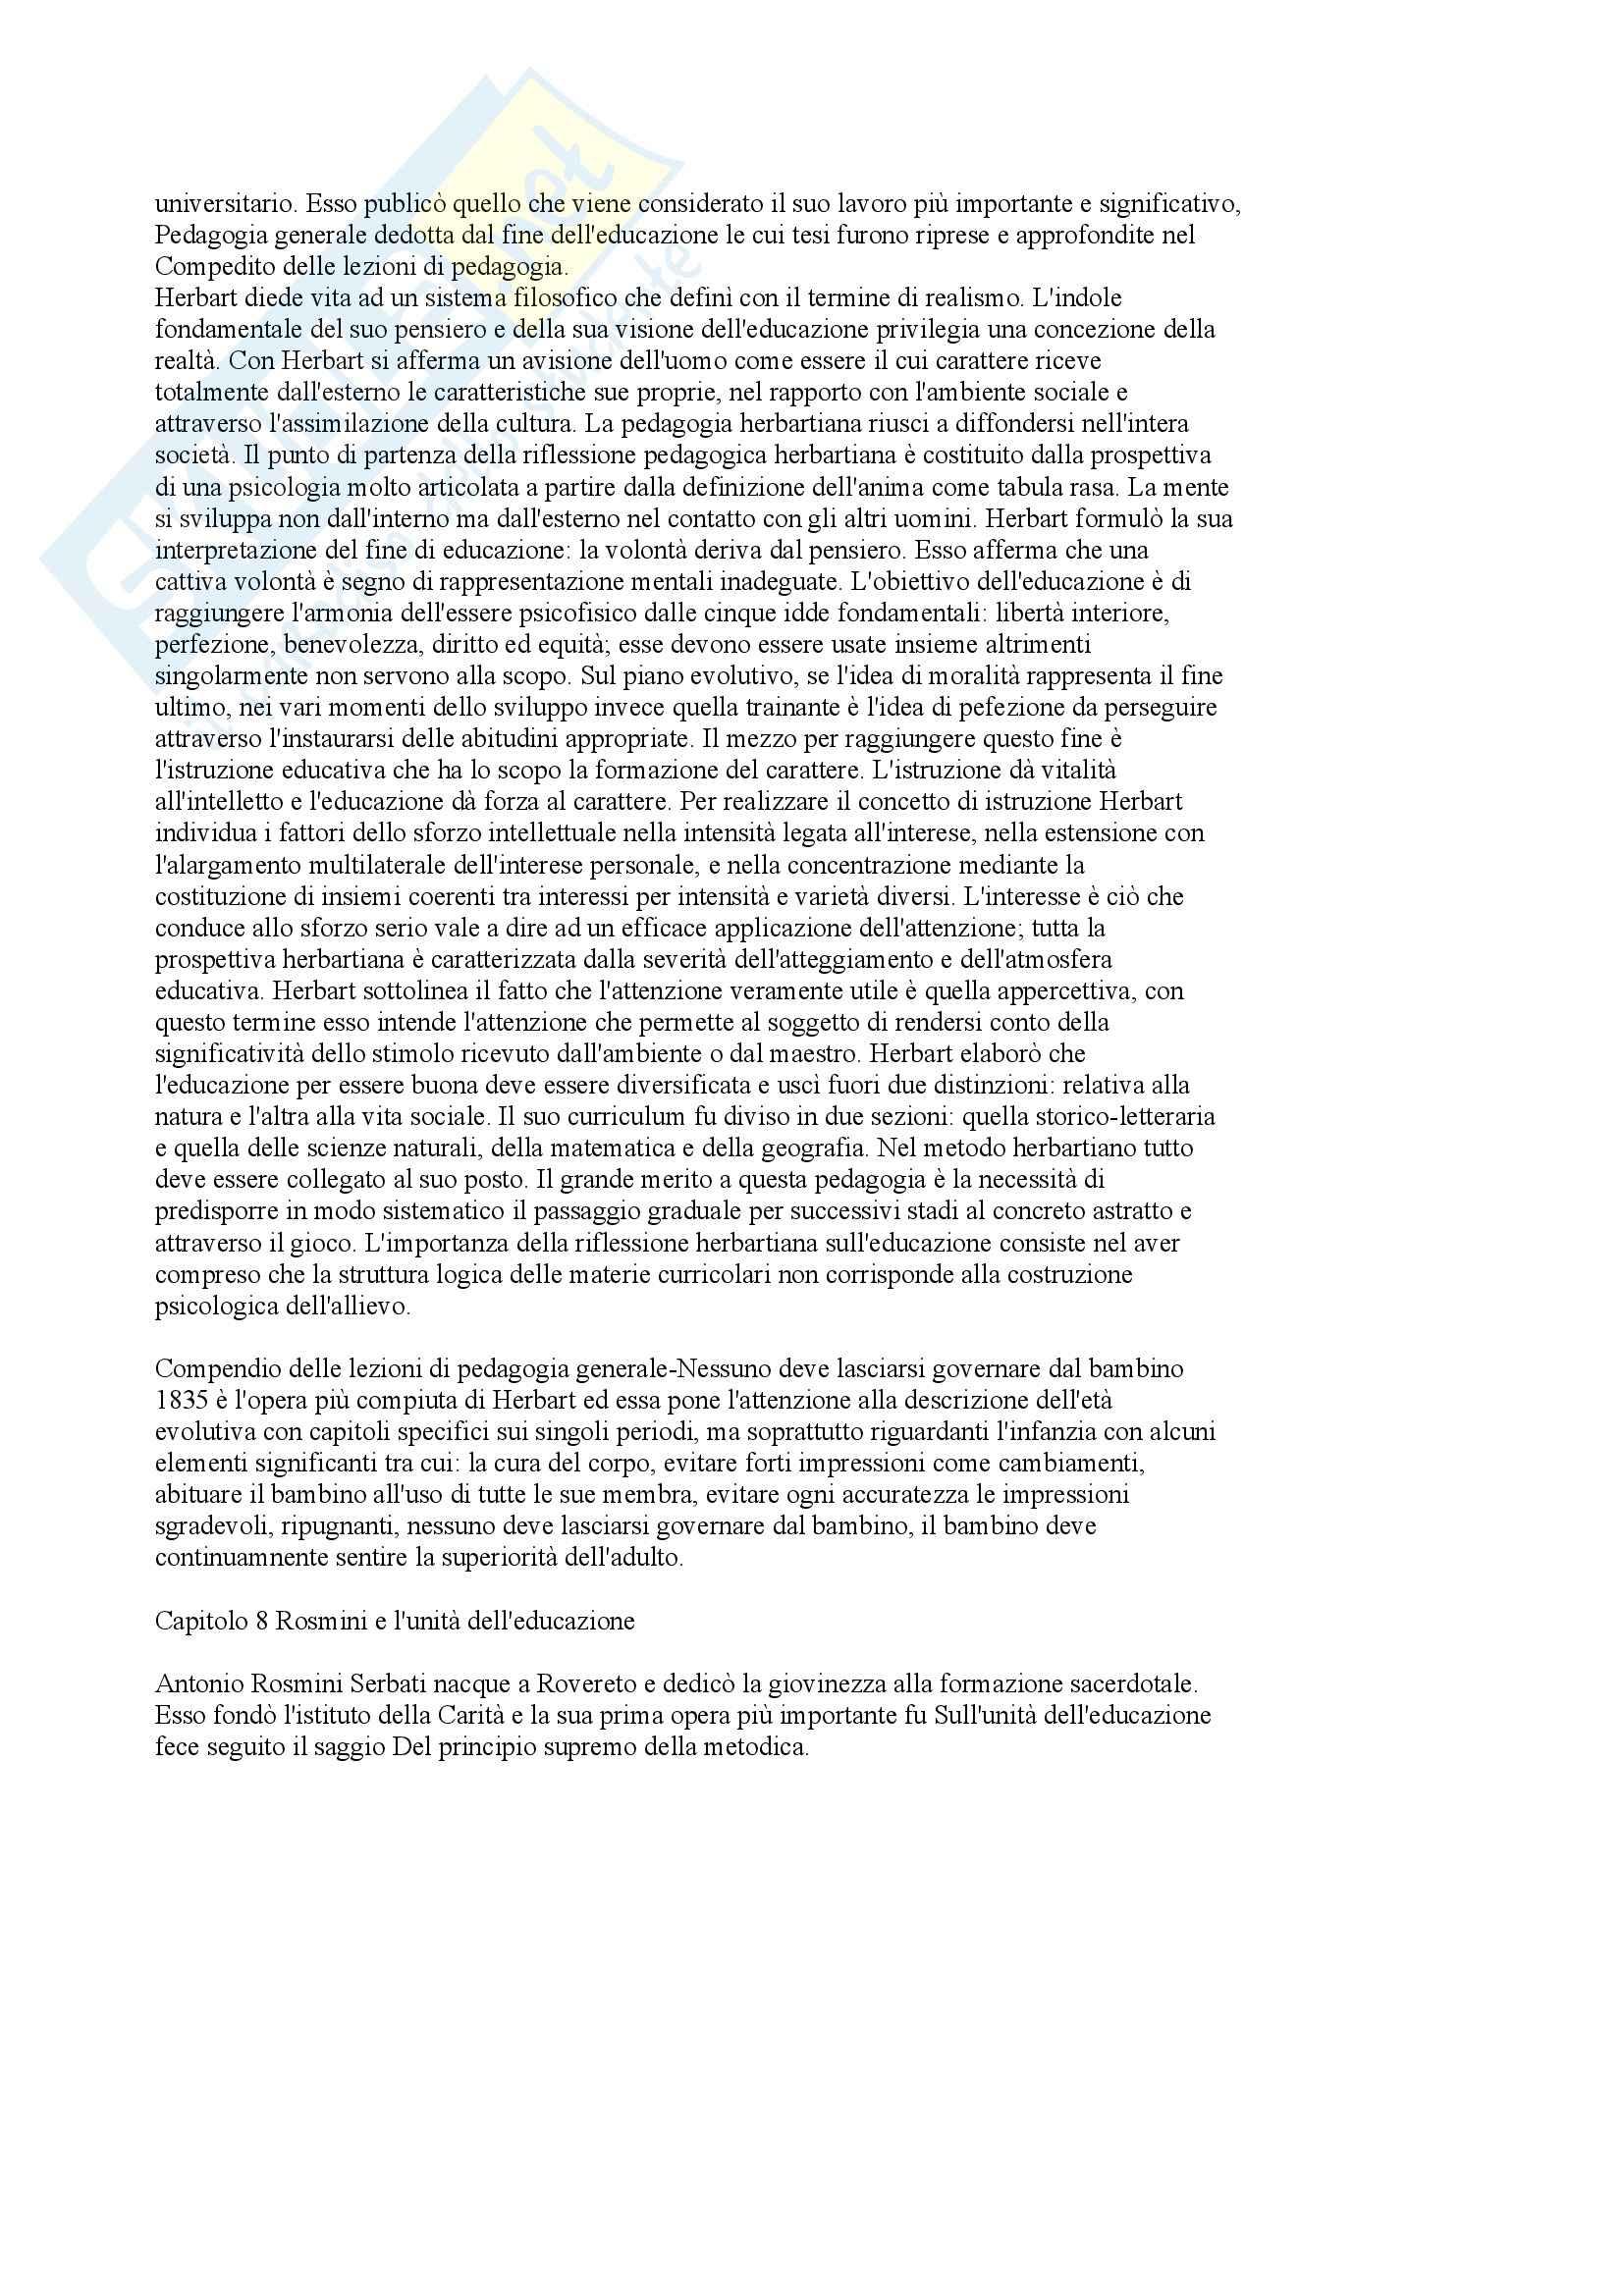 Storia della pedagogia e della letteratura per l'infanzia - i maestri e le idee della pedagogia moderna Pag. 6